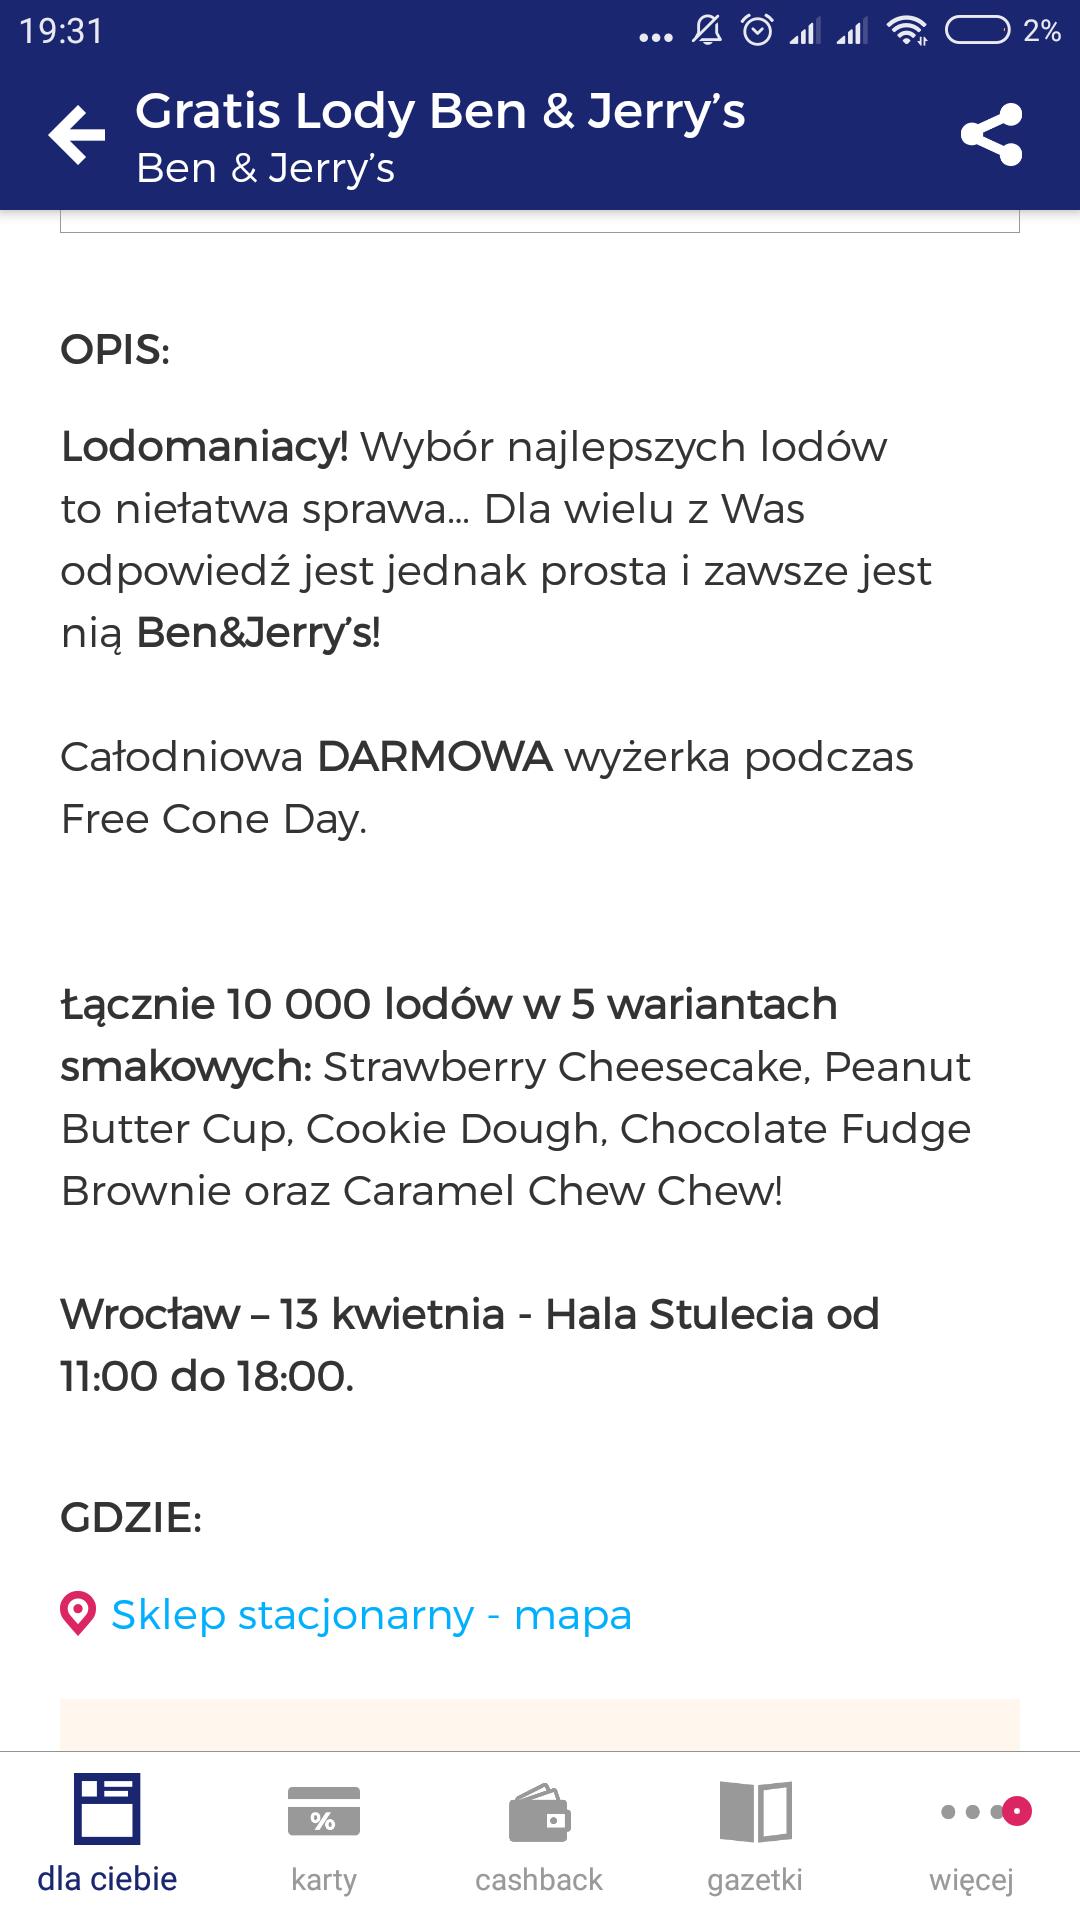 Darmowe lody Ben&Jerry's @ Wrocław Hala Stulecia 13.04